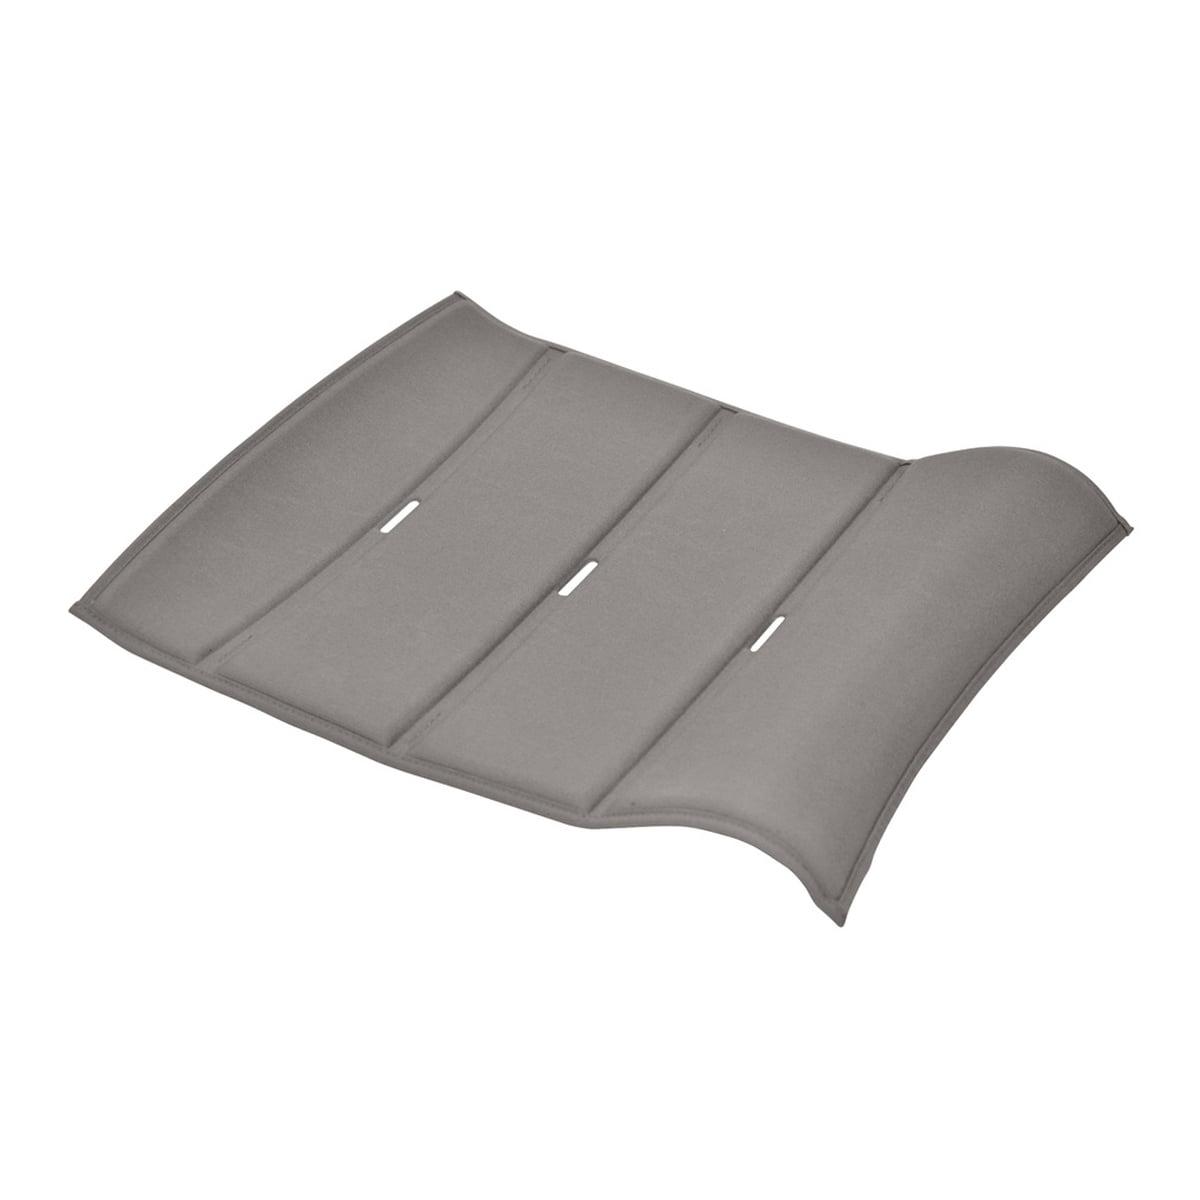 Fermob - Outdoor-Kissen Skin, 45 x 40 cm, taupe | Garten > Gartenmöbel > Outdoor-Sitzsäcke | Taupe | fermob